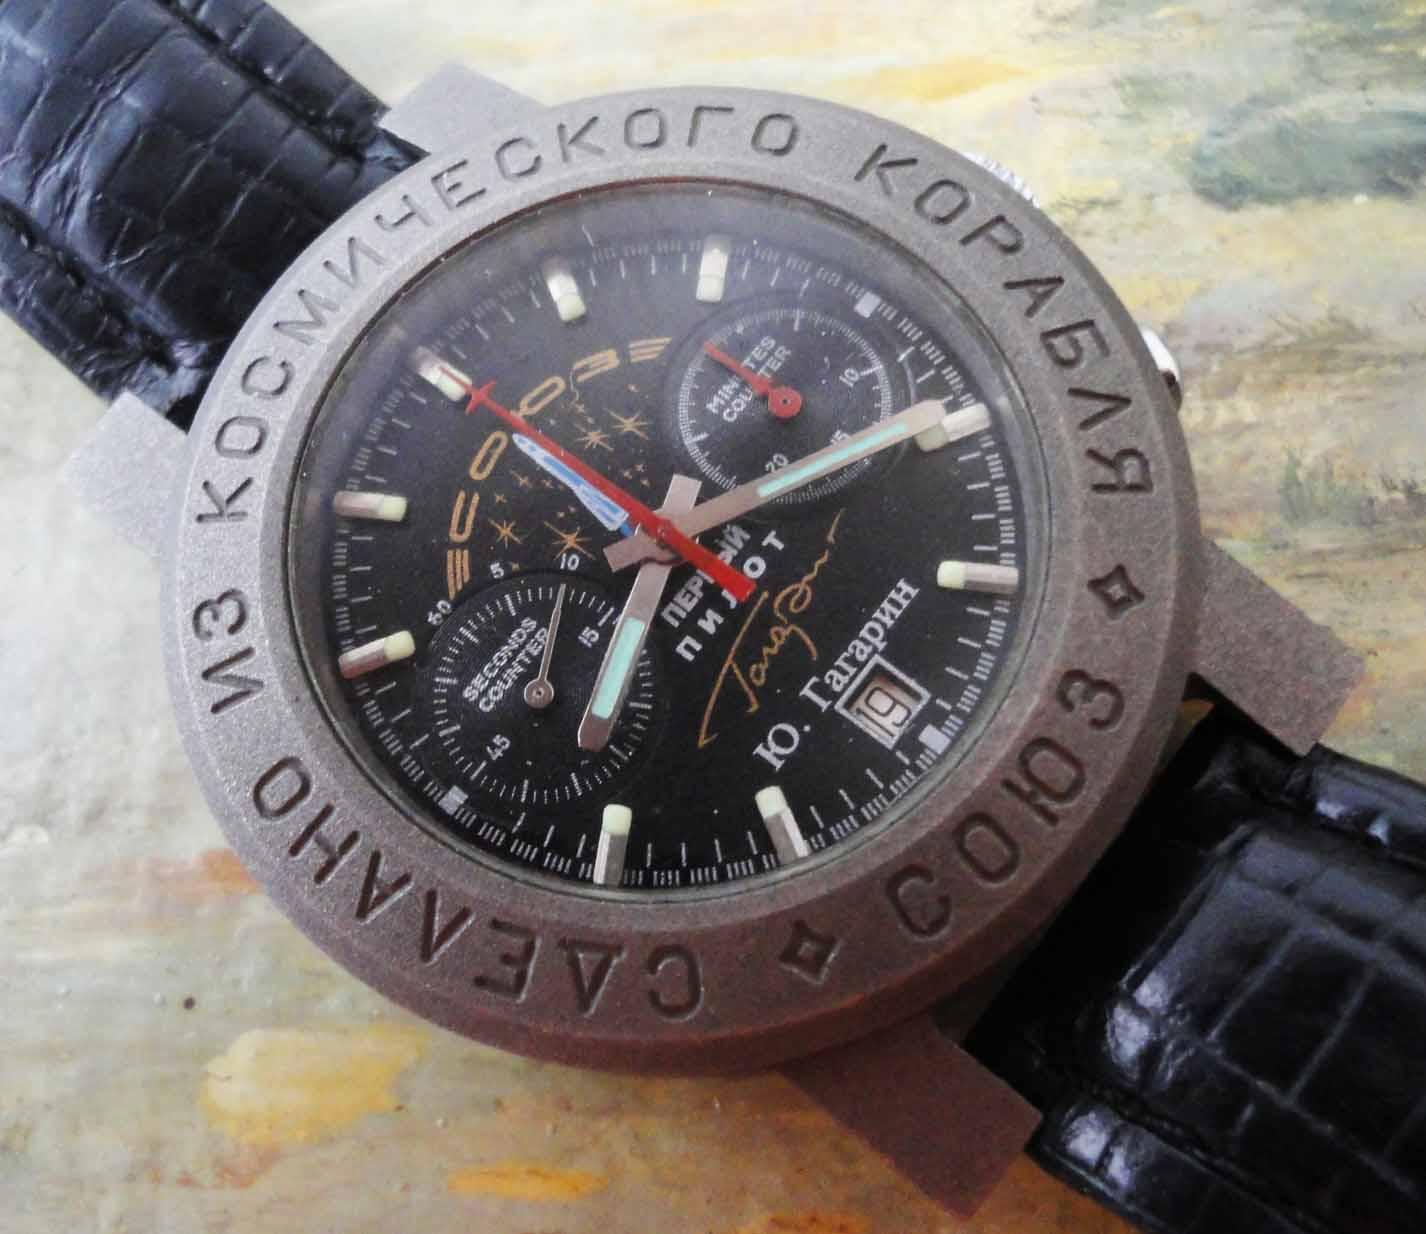 Часы продать можно ли нормо toyota час стоимость